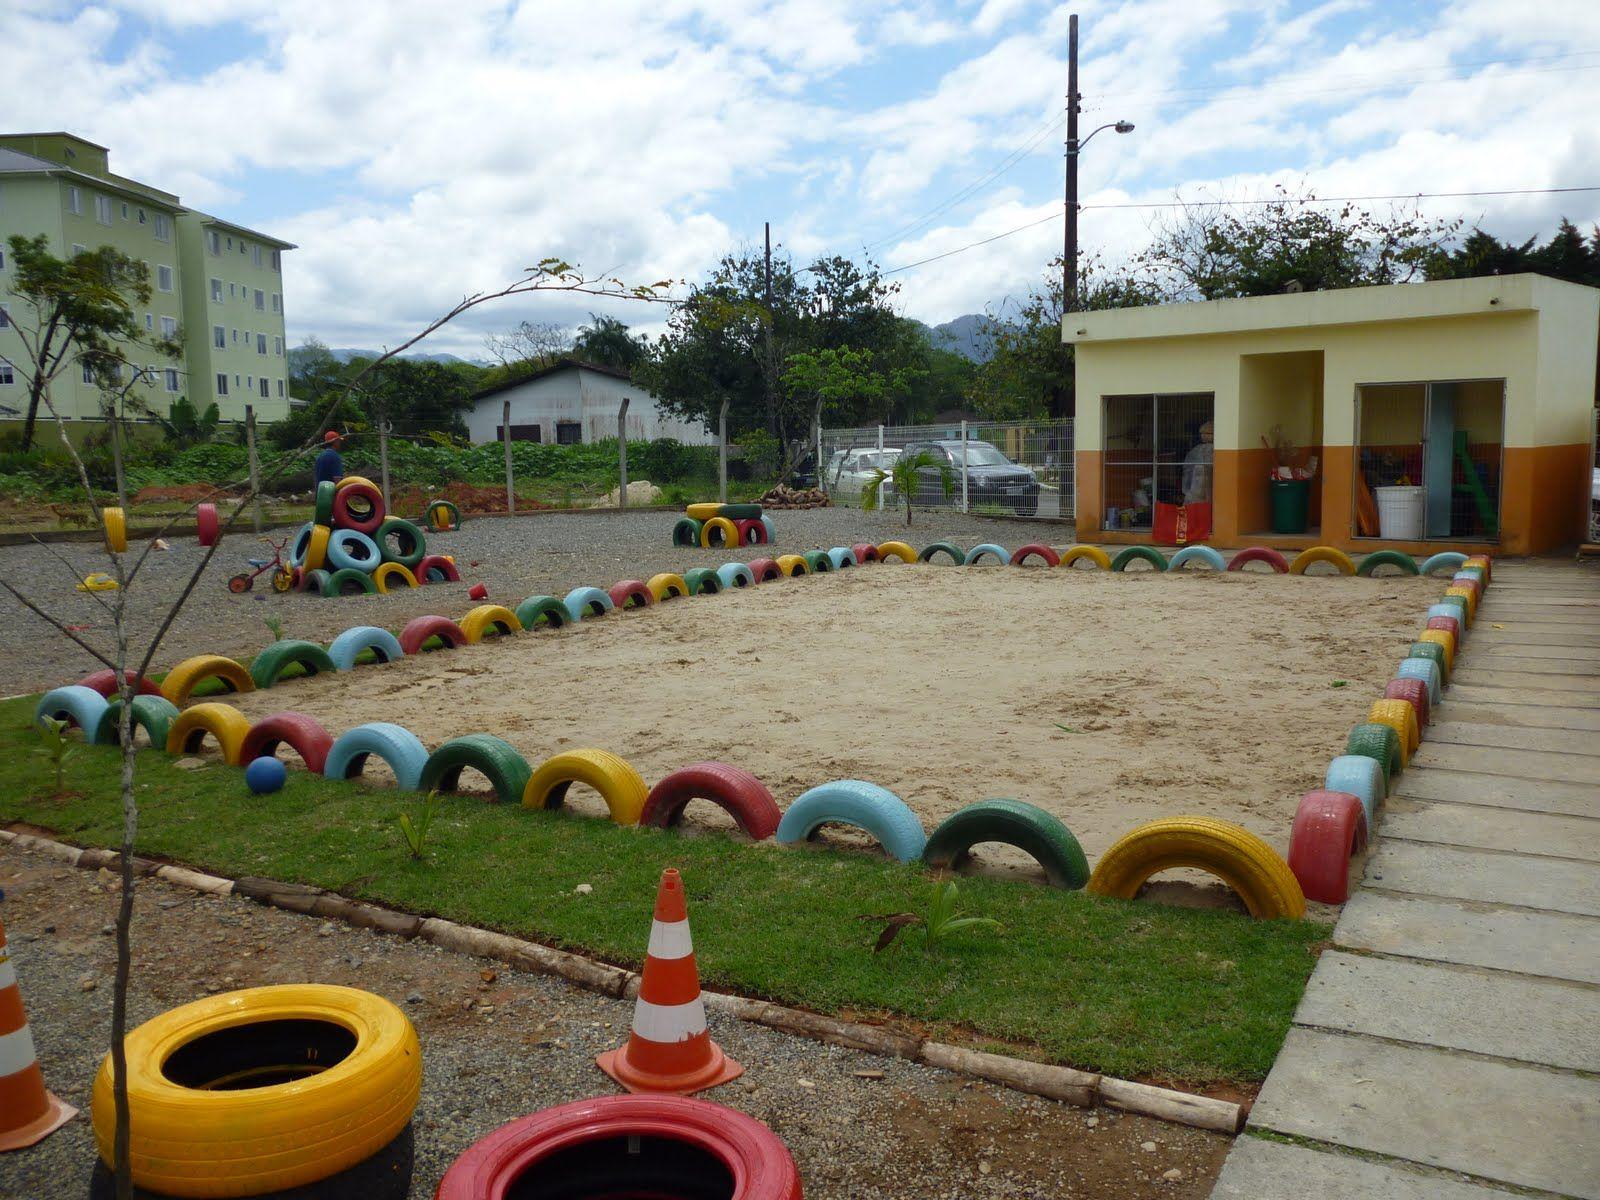 Top playground de pneus velhos - Pesquisa Google | outdoor play sets  HR07